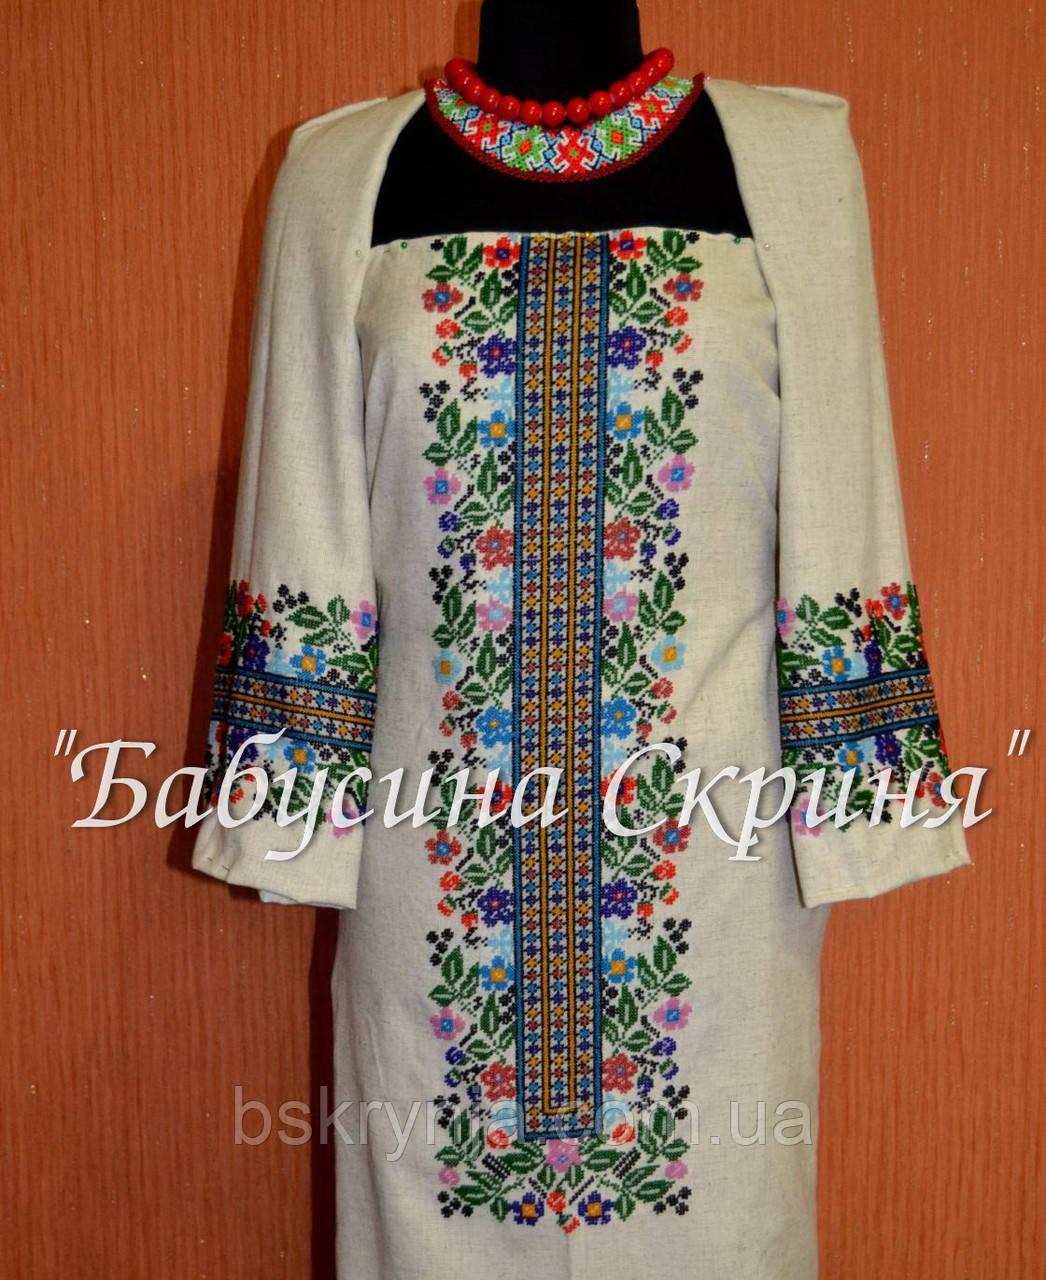 Заготовка Борщівської жіночої сукні для вишивки нитками/бісером БС-49-2с